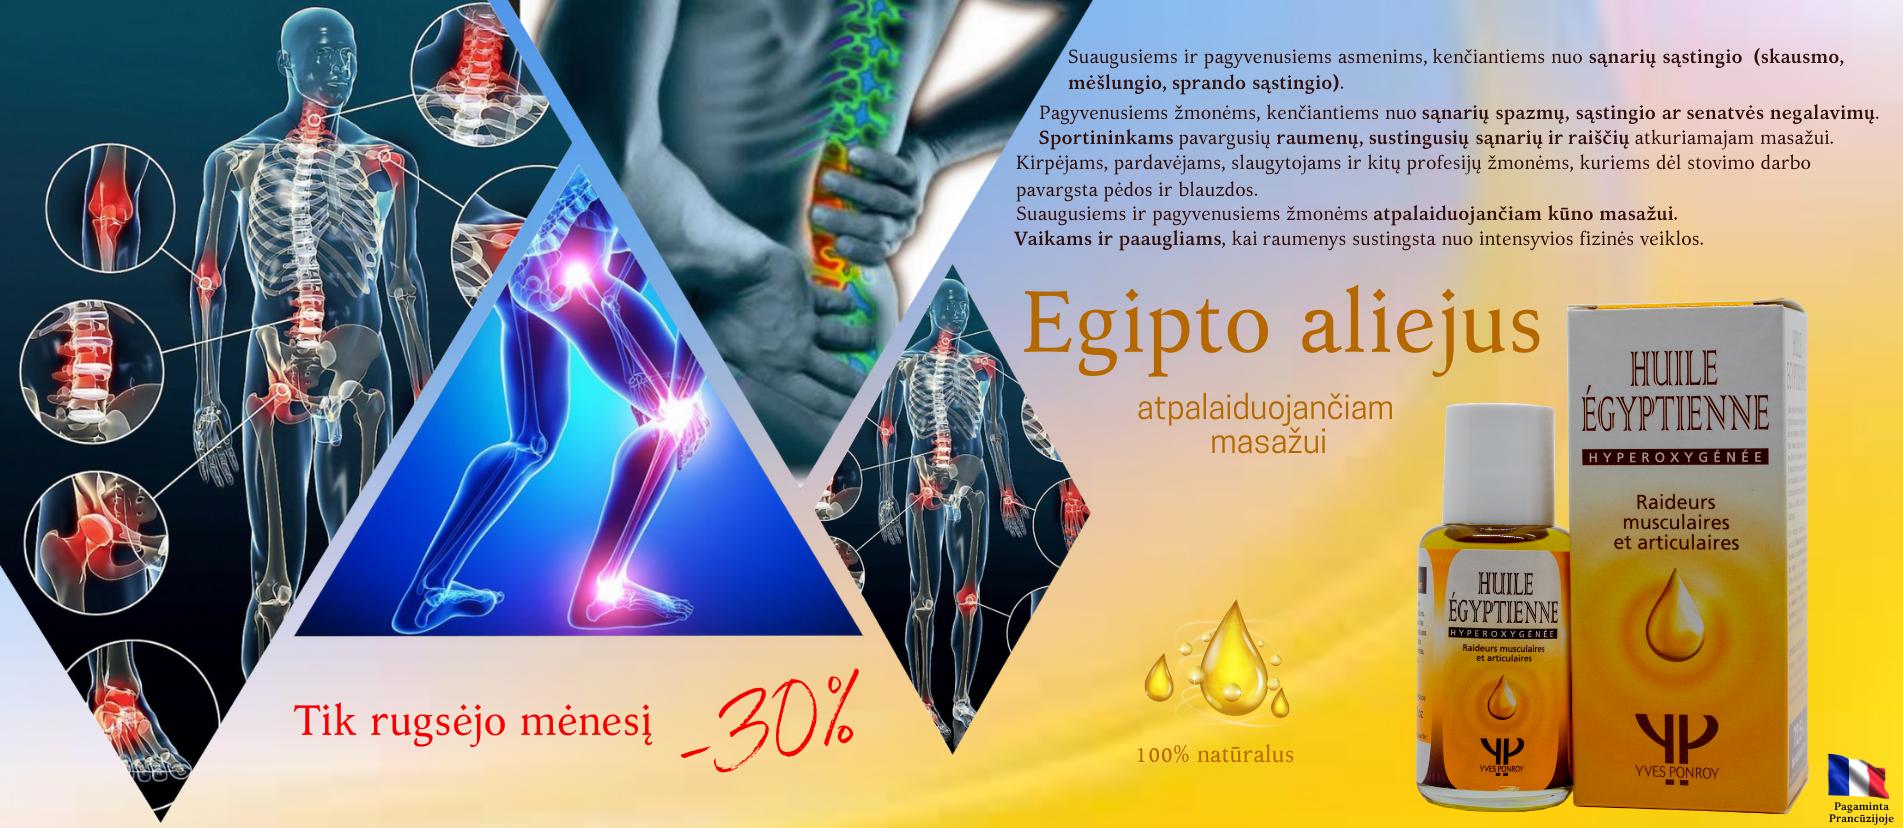 Egipto aliejus